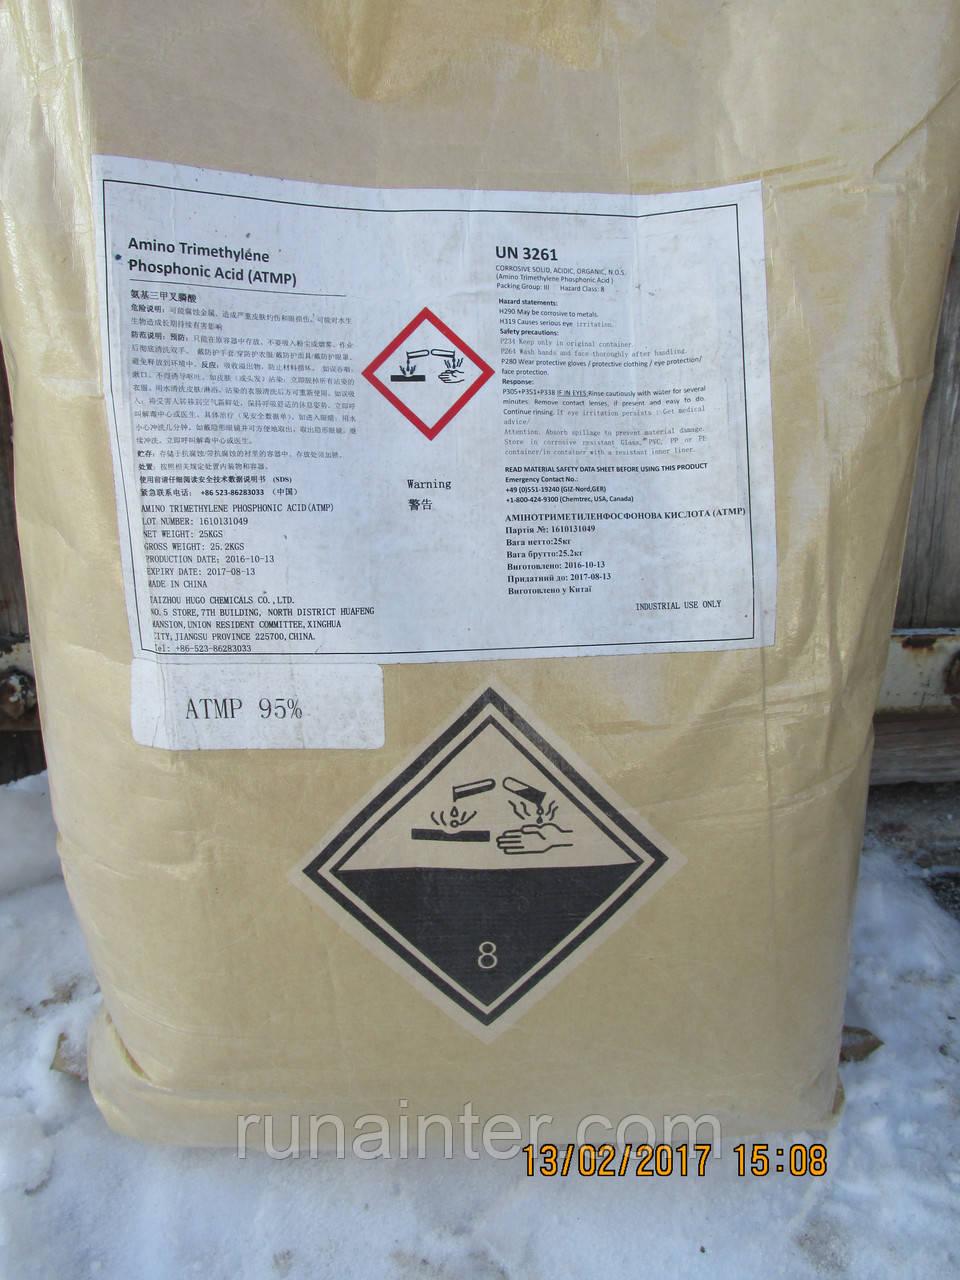 Аминотриметиленфосфоновая кислота, нитрилотриметилфосфоновая, АТМР кислота сухая 95%